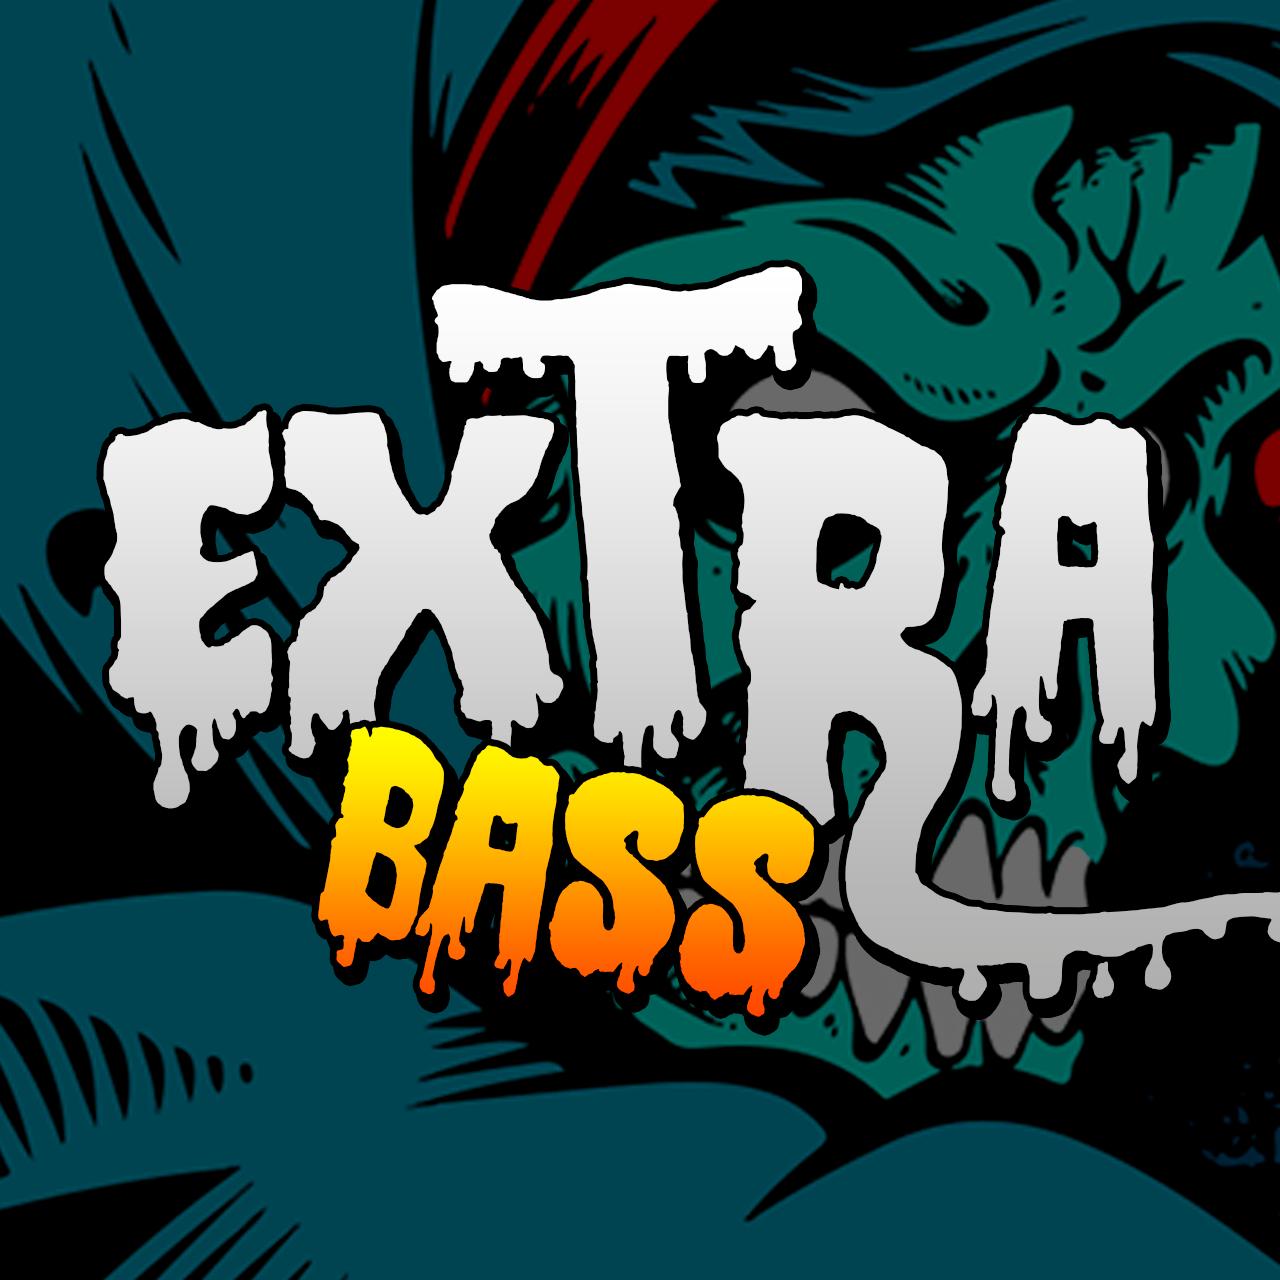 ExtraBass Radio